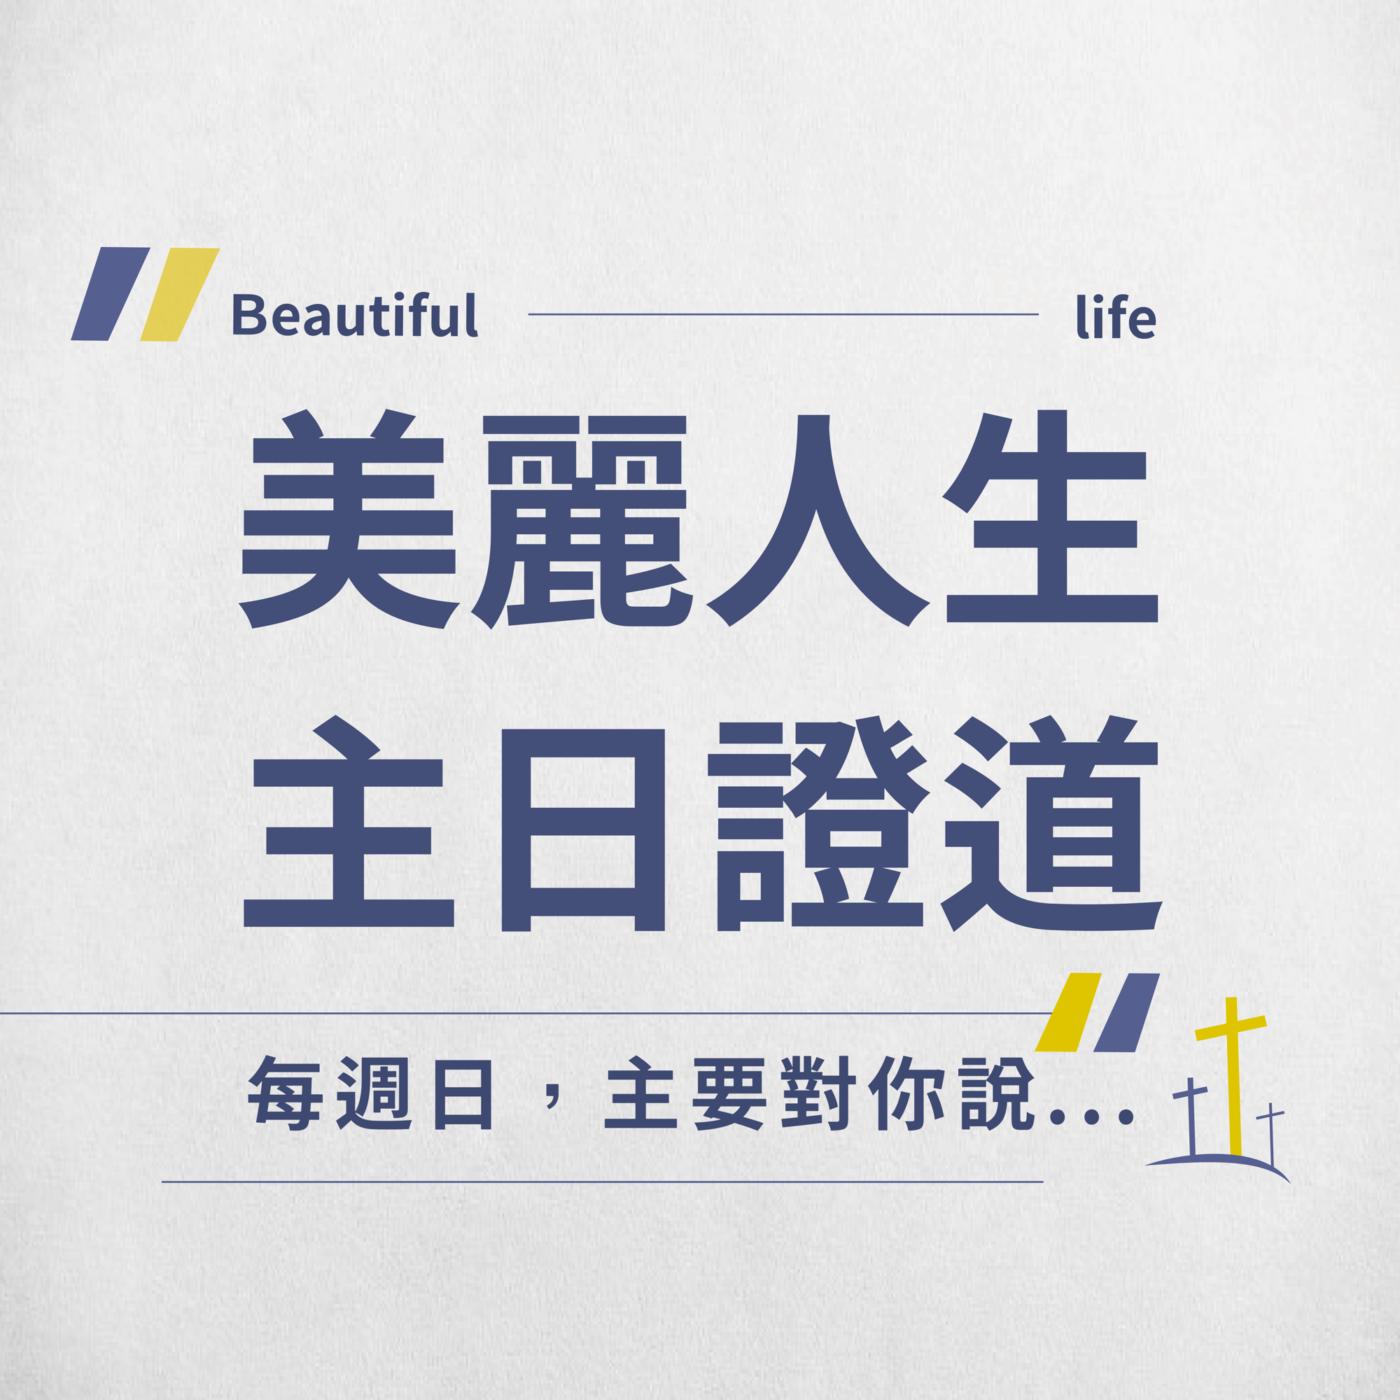 2021-02-28|卓越的價值觀|董宇正牧師